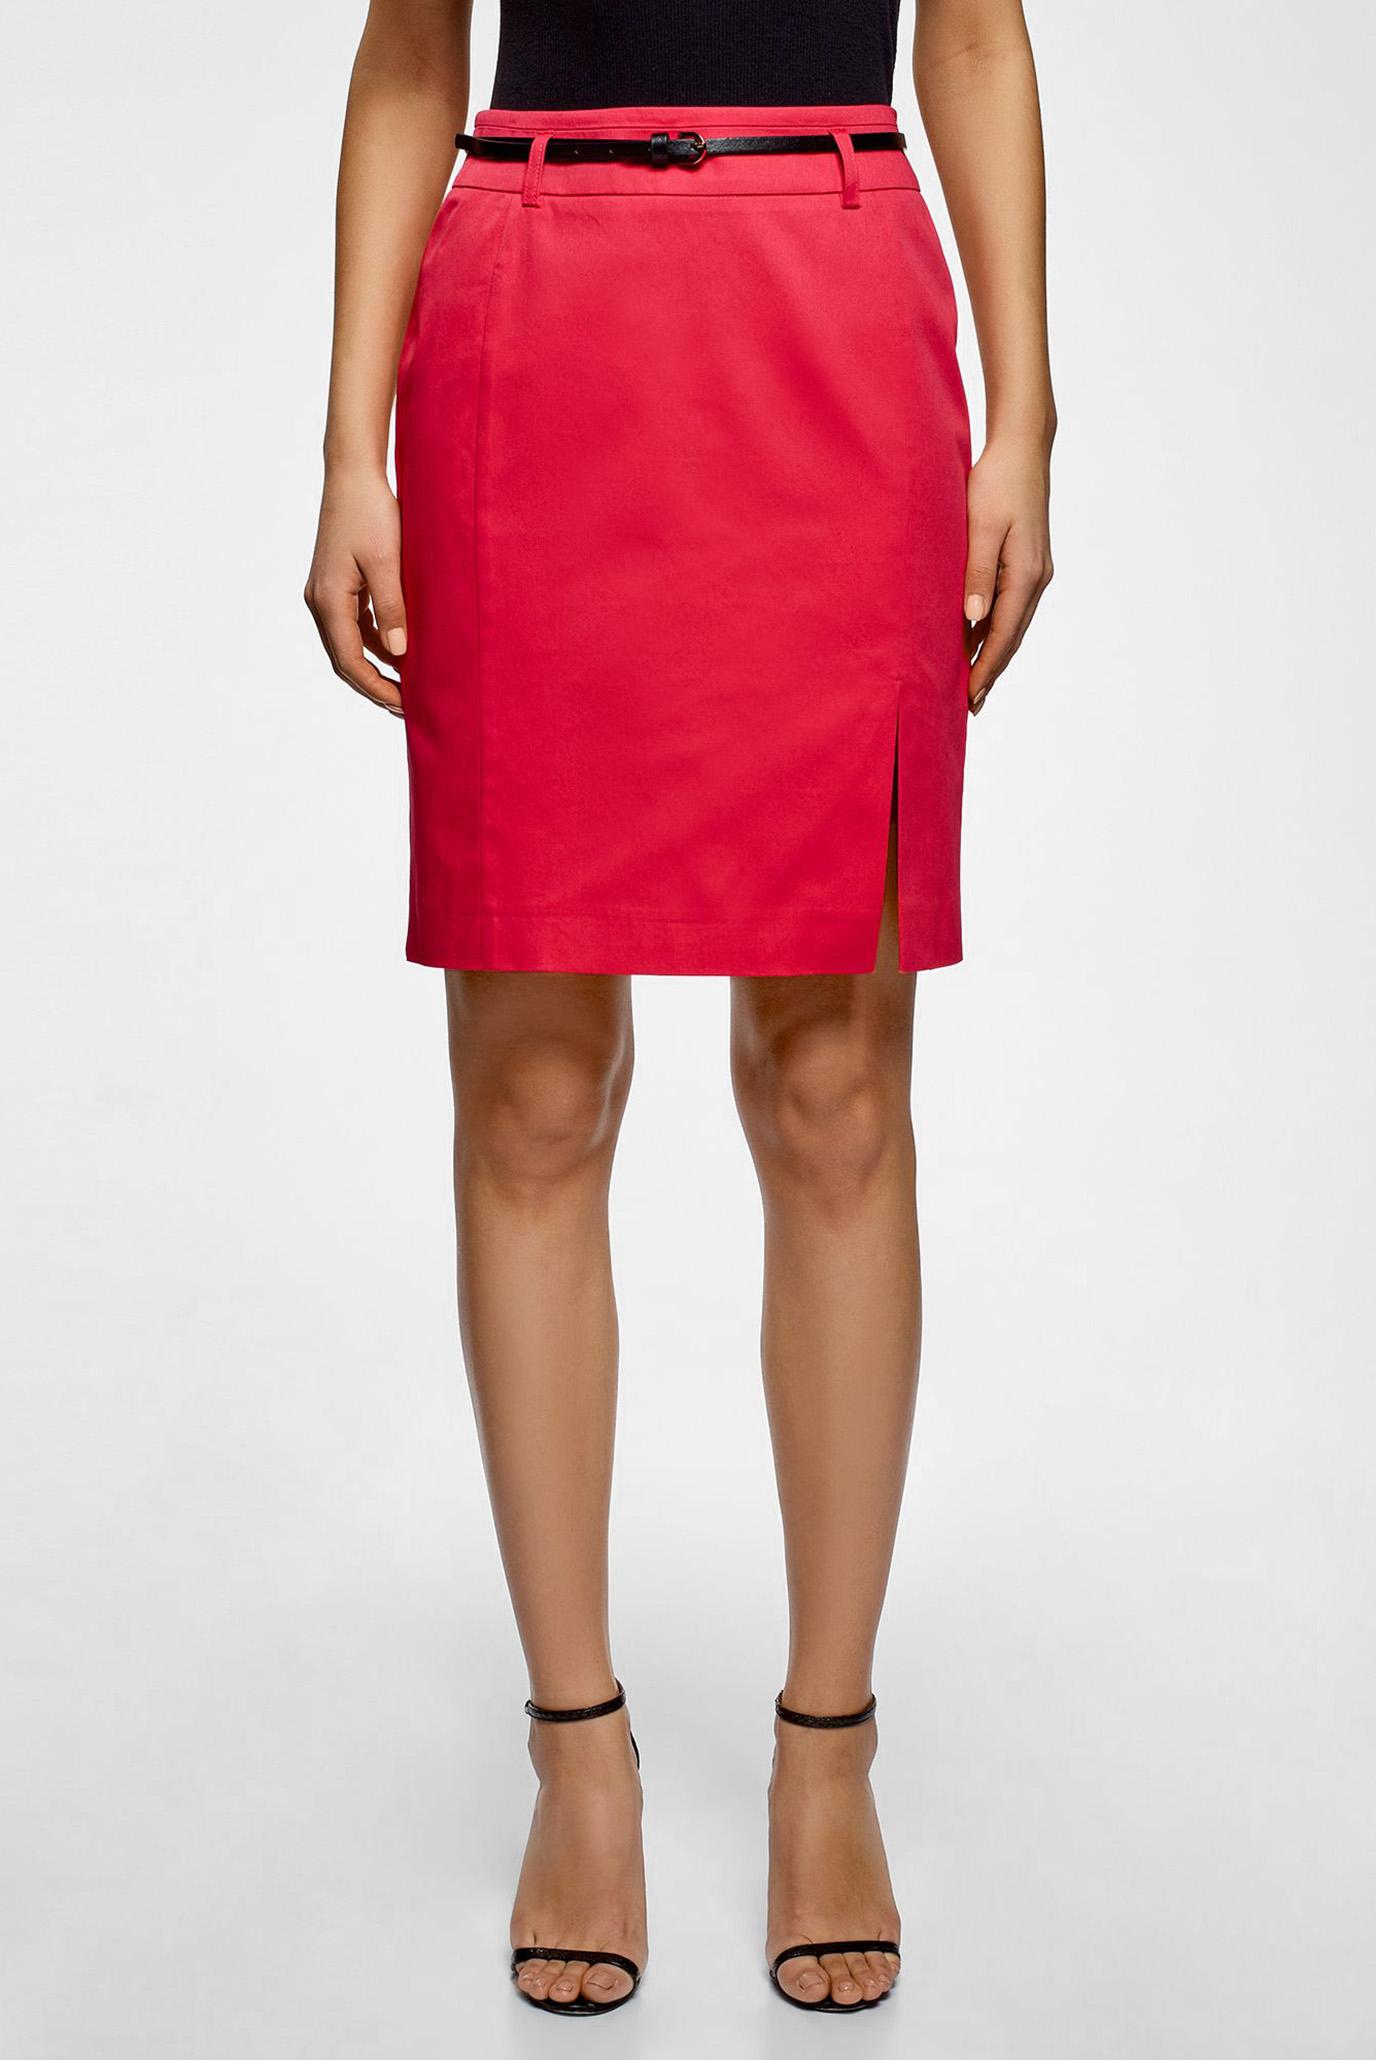 06594d42d78 Купить Женская красная юбка-карандаш с ремнем Oodji Oodji 21601273-1 14522 4D00N  – Киев